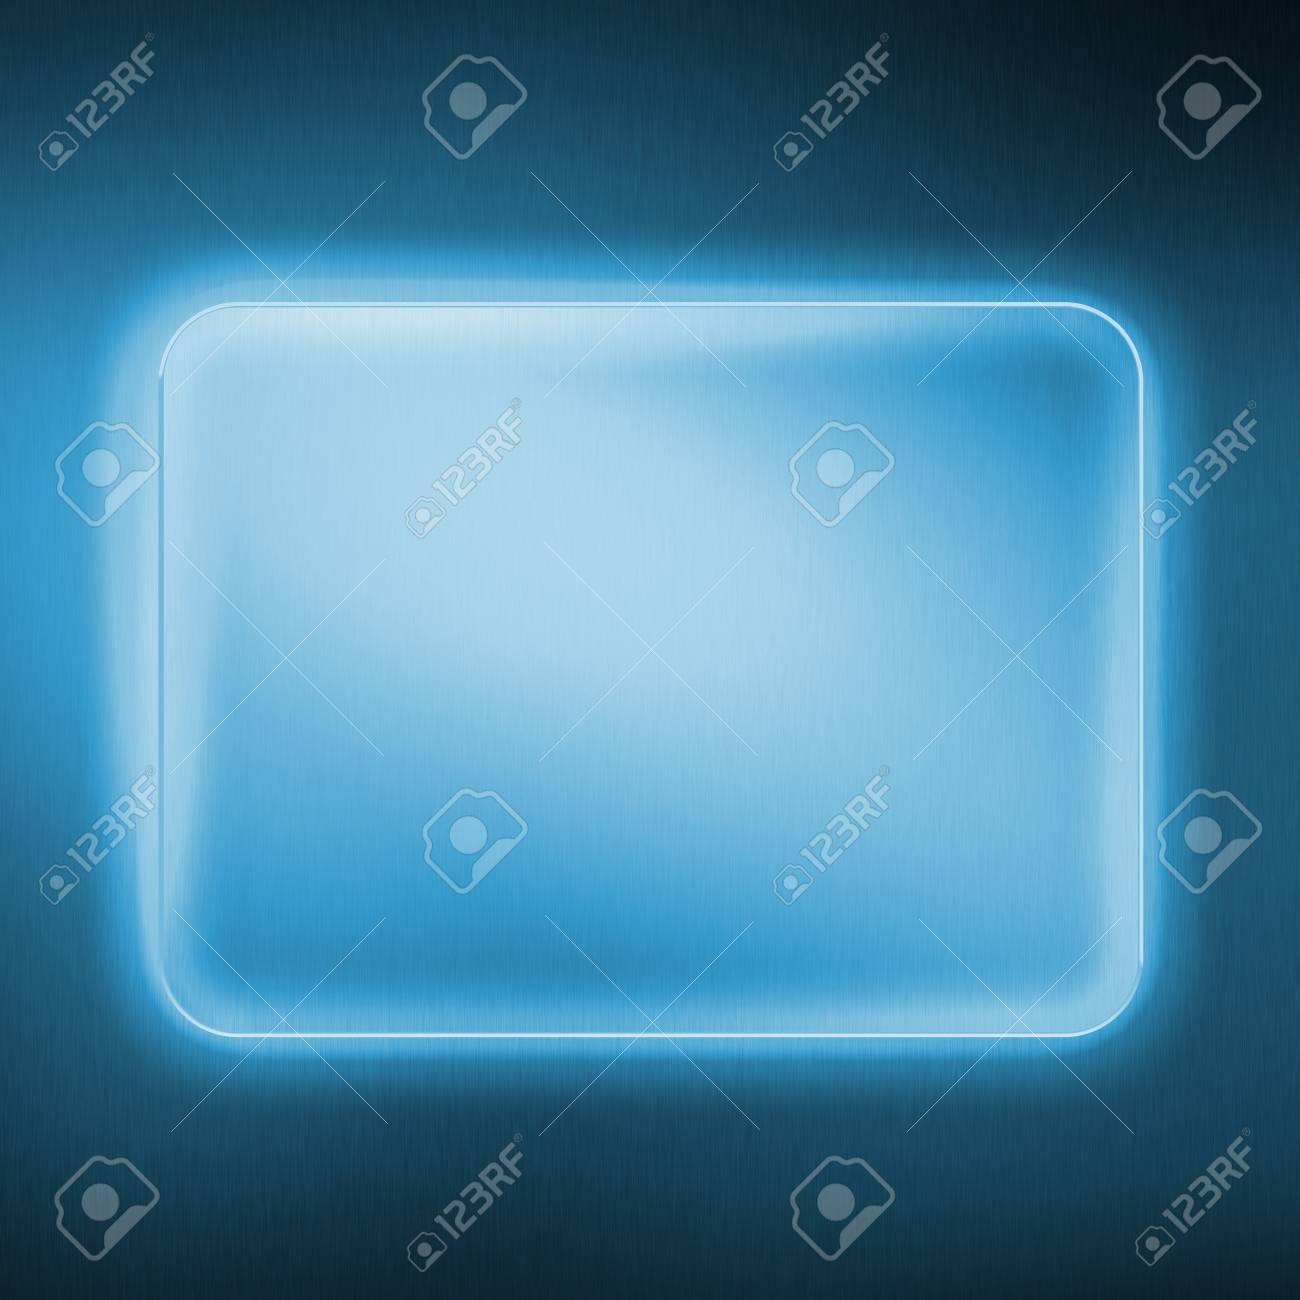 Abstract Background. luxury illumination glass Stock Photo - 15554091